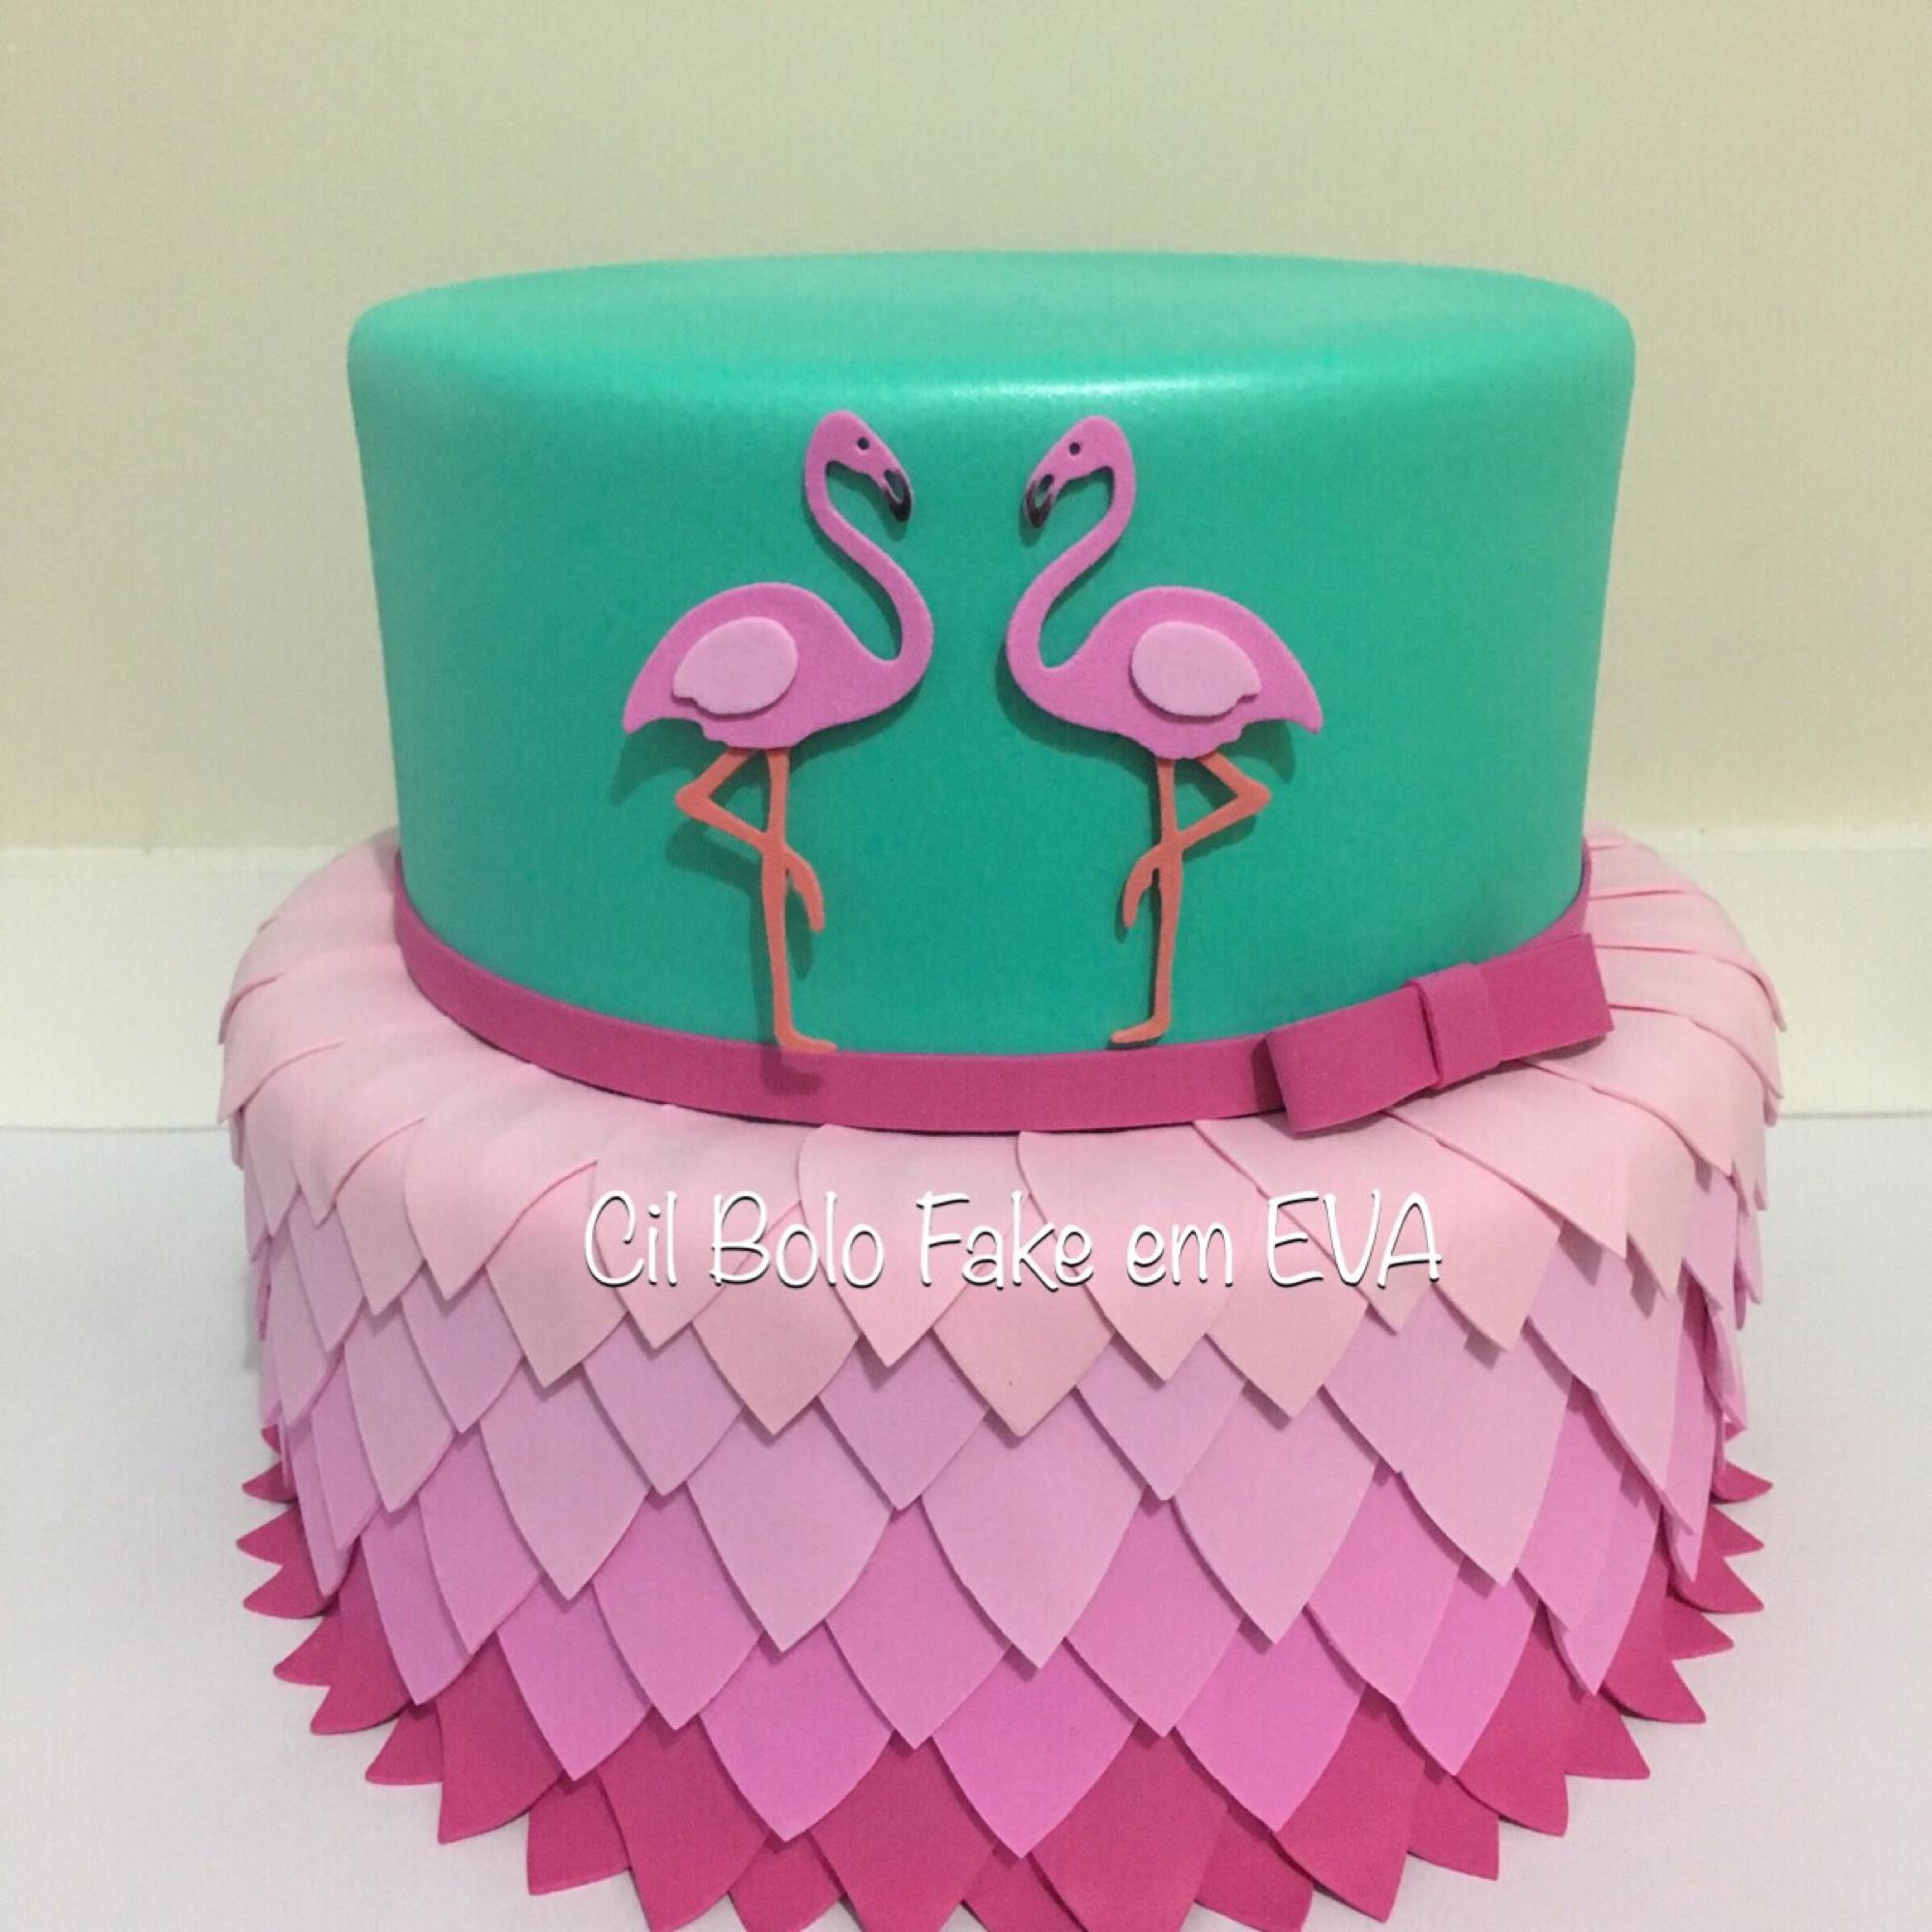 Bolo Fake Flamingo No Elo7 Cil Bolo Fake Em Eva C6db9a